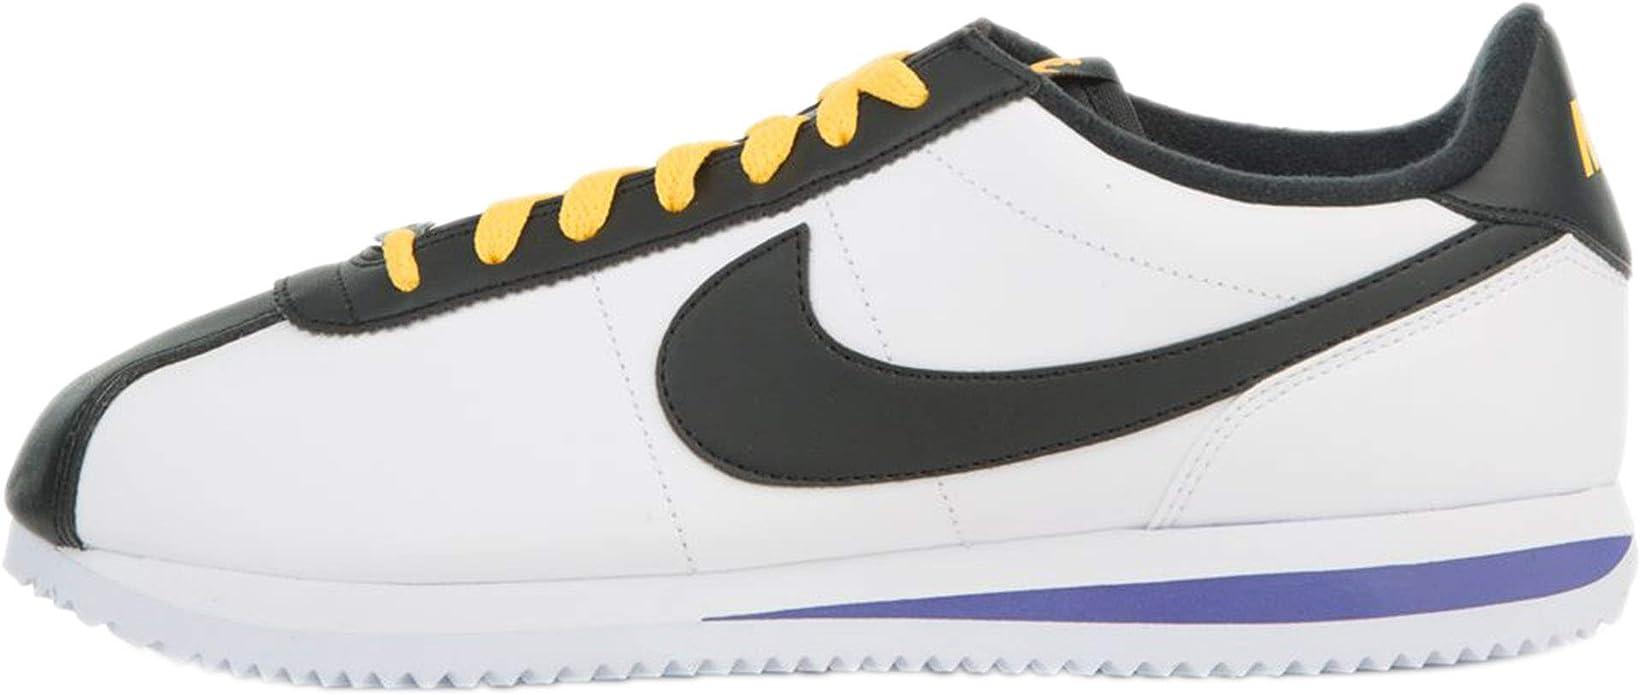 Nike Cortez Basic Leather Mens Style